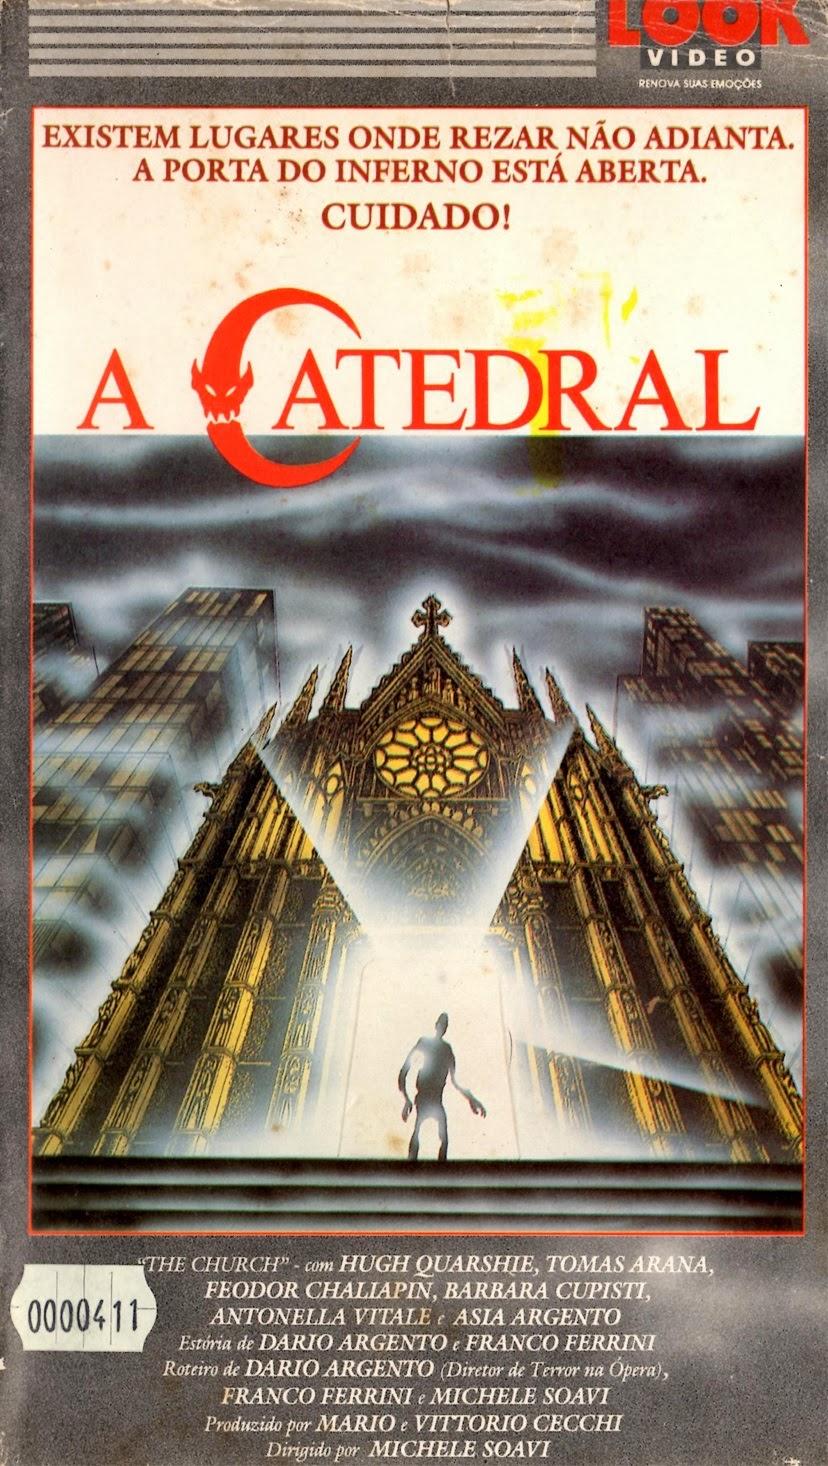 Resultado de imagem para a catedral filme